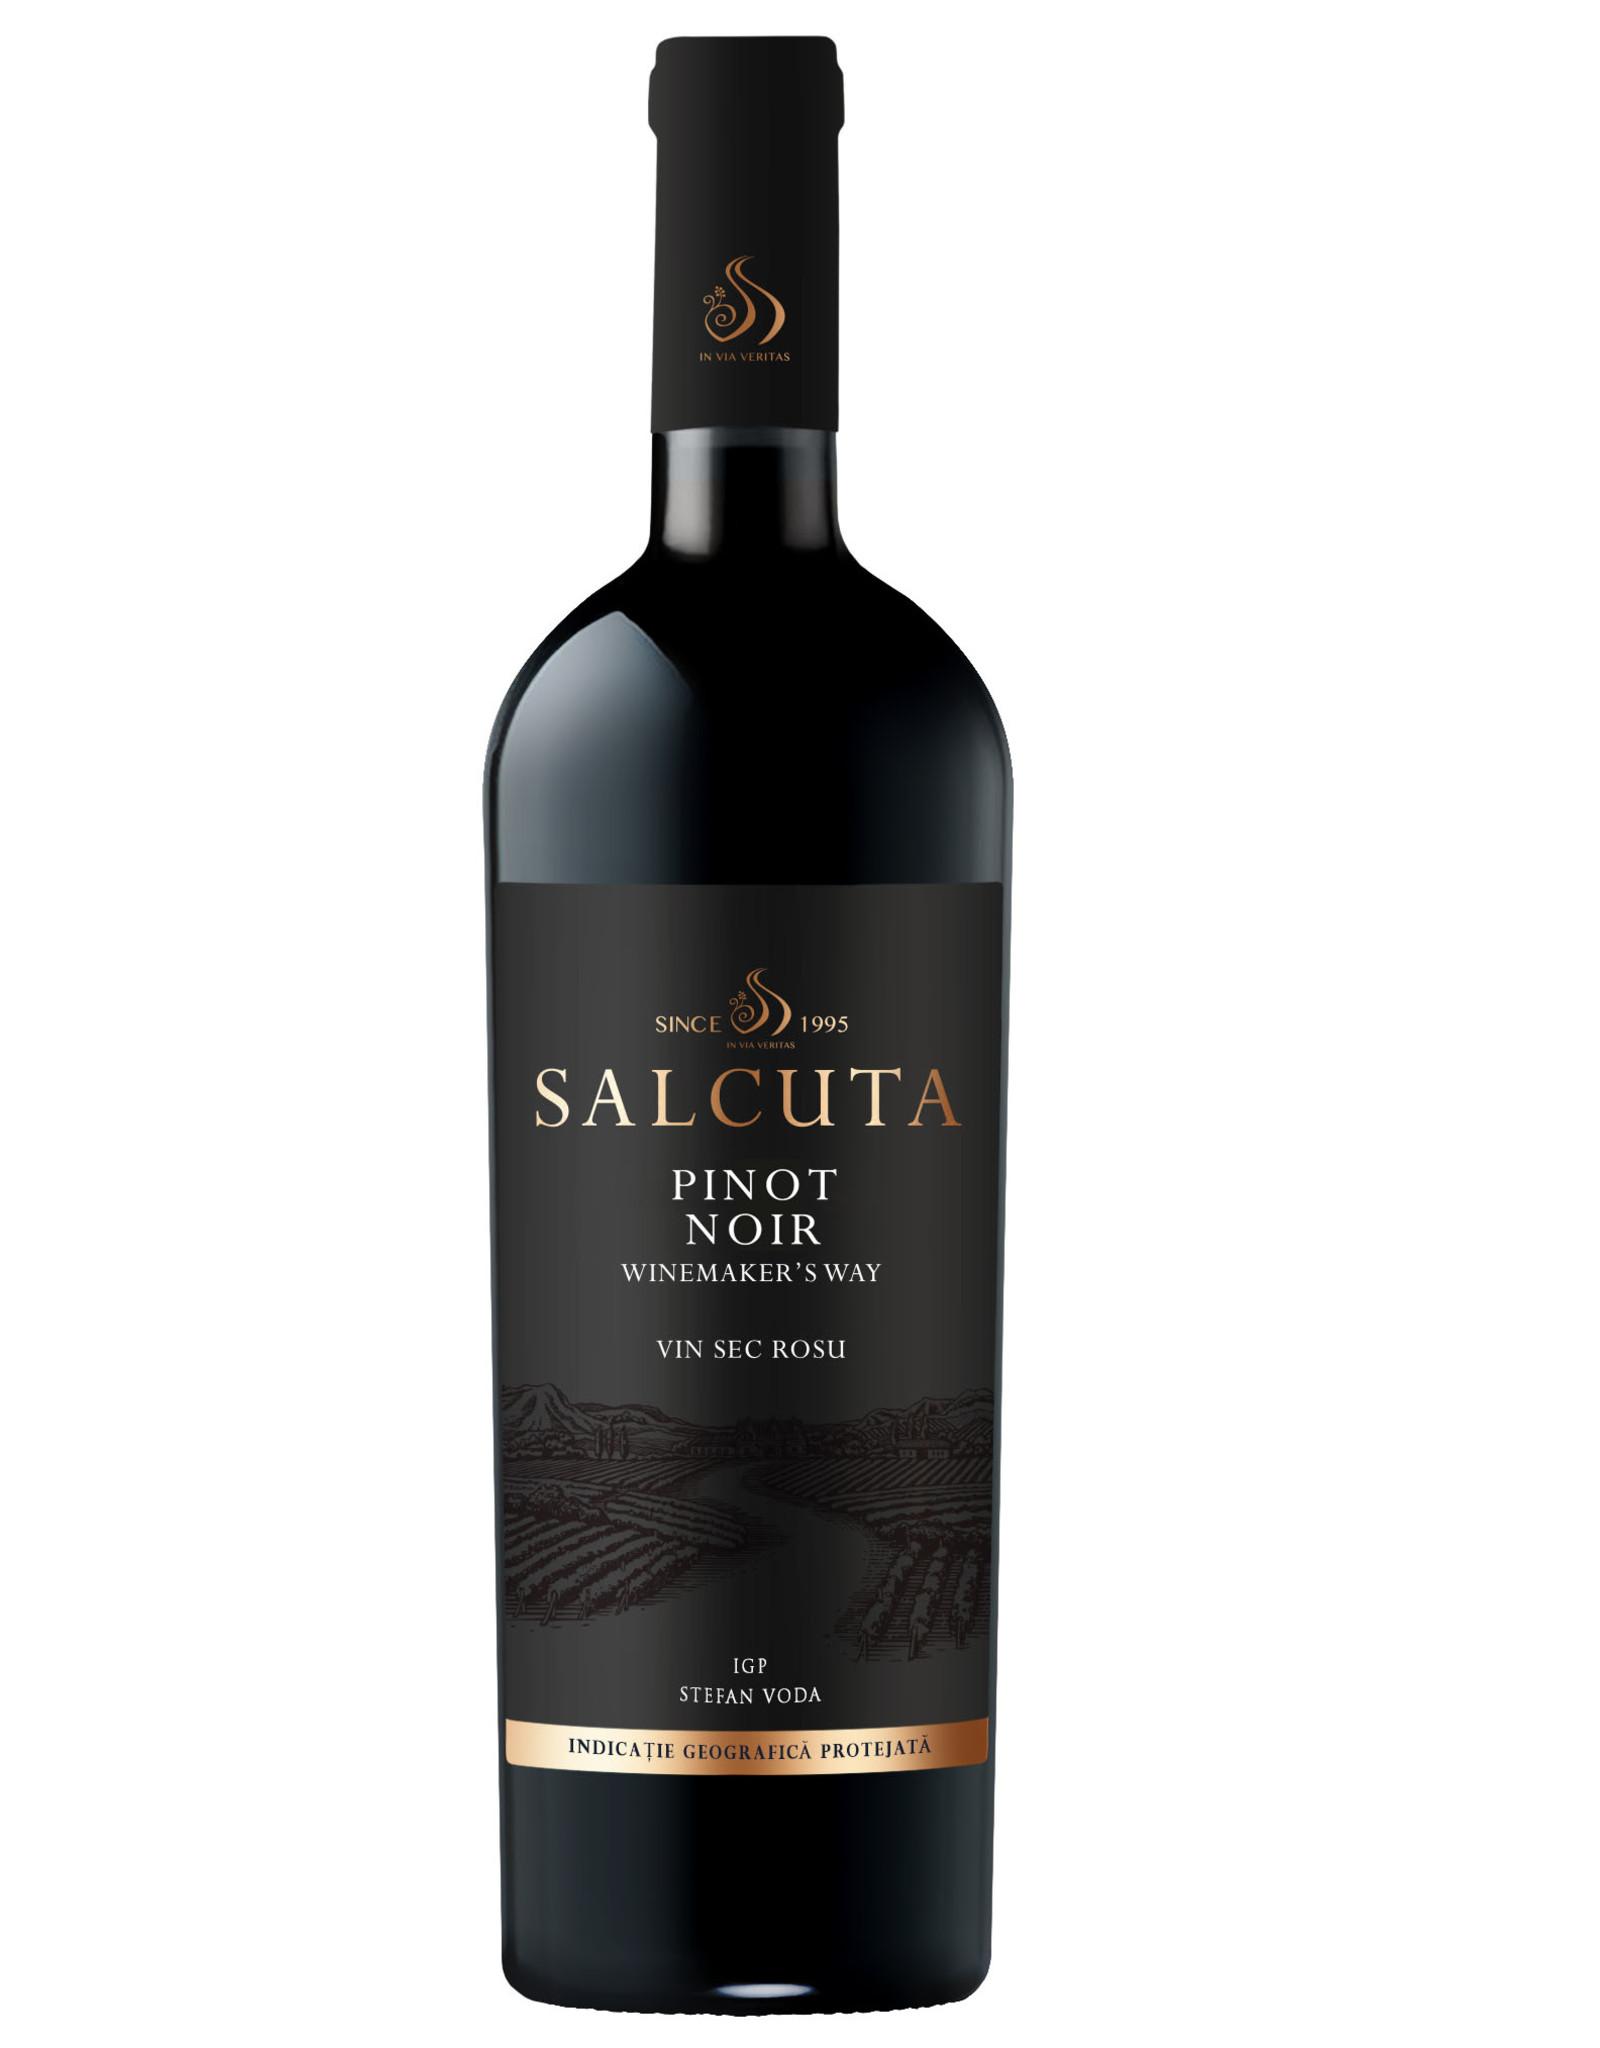 Salcuta Pinot Noir